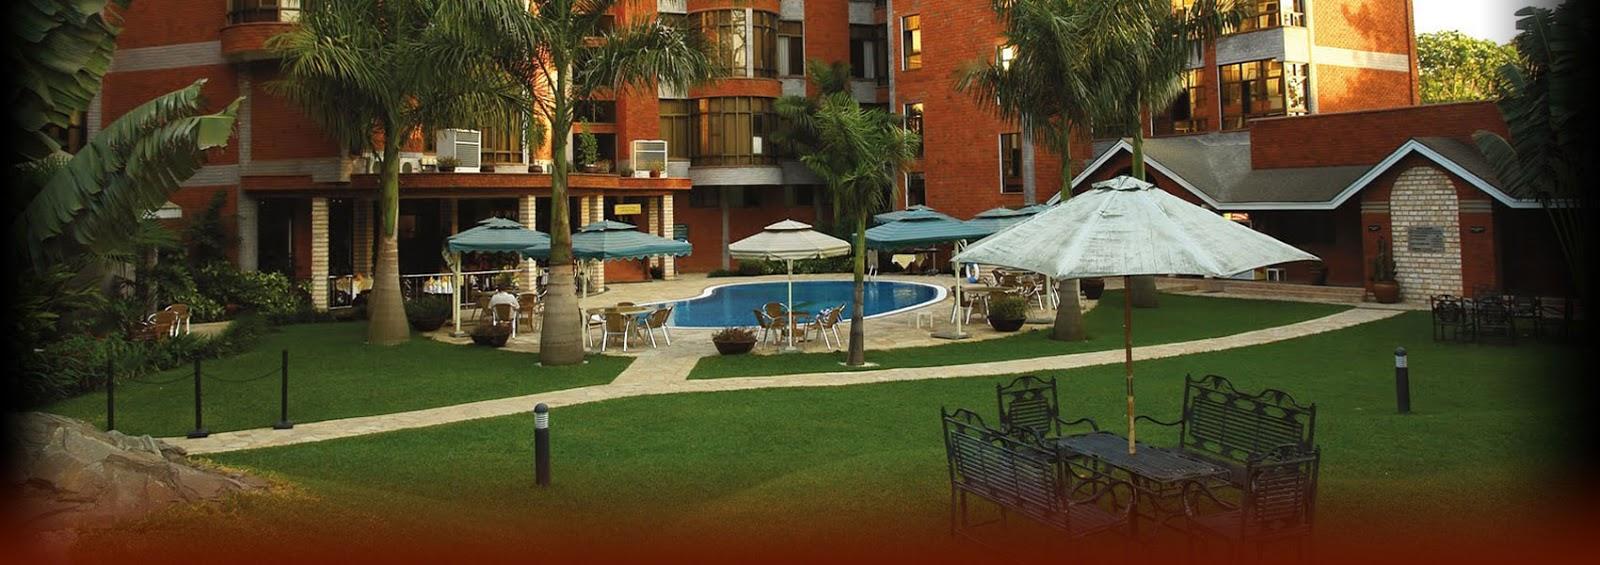 H tels kilimanjaro national park derni re minute for Hotel reservation derniere minute